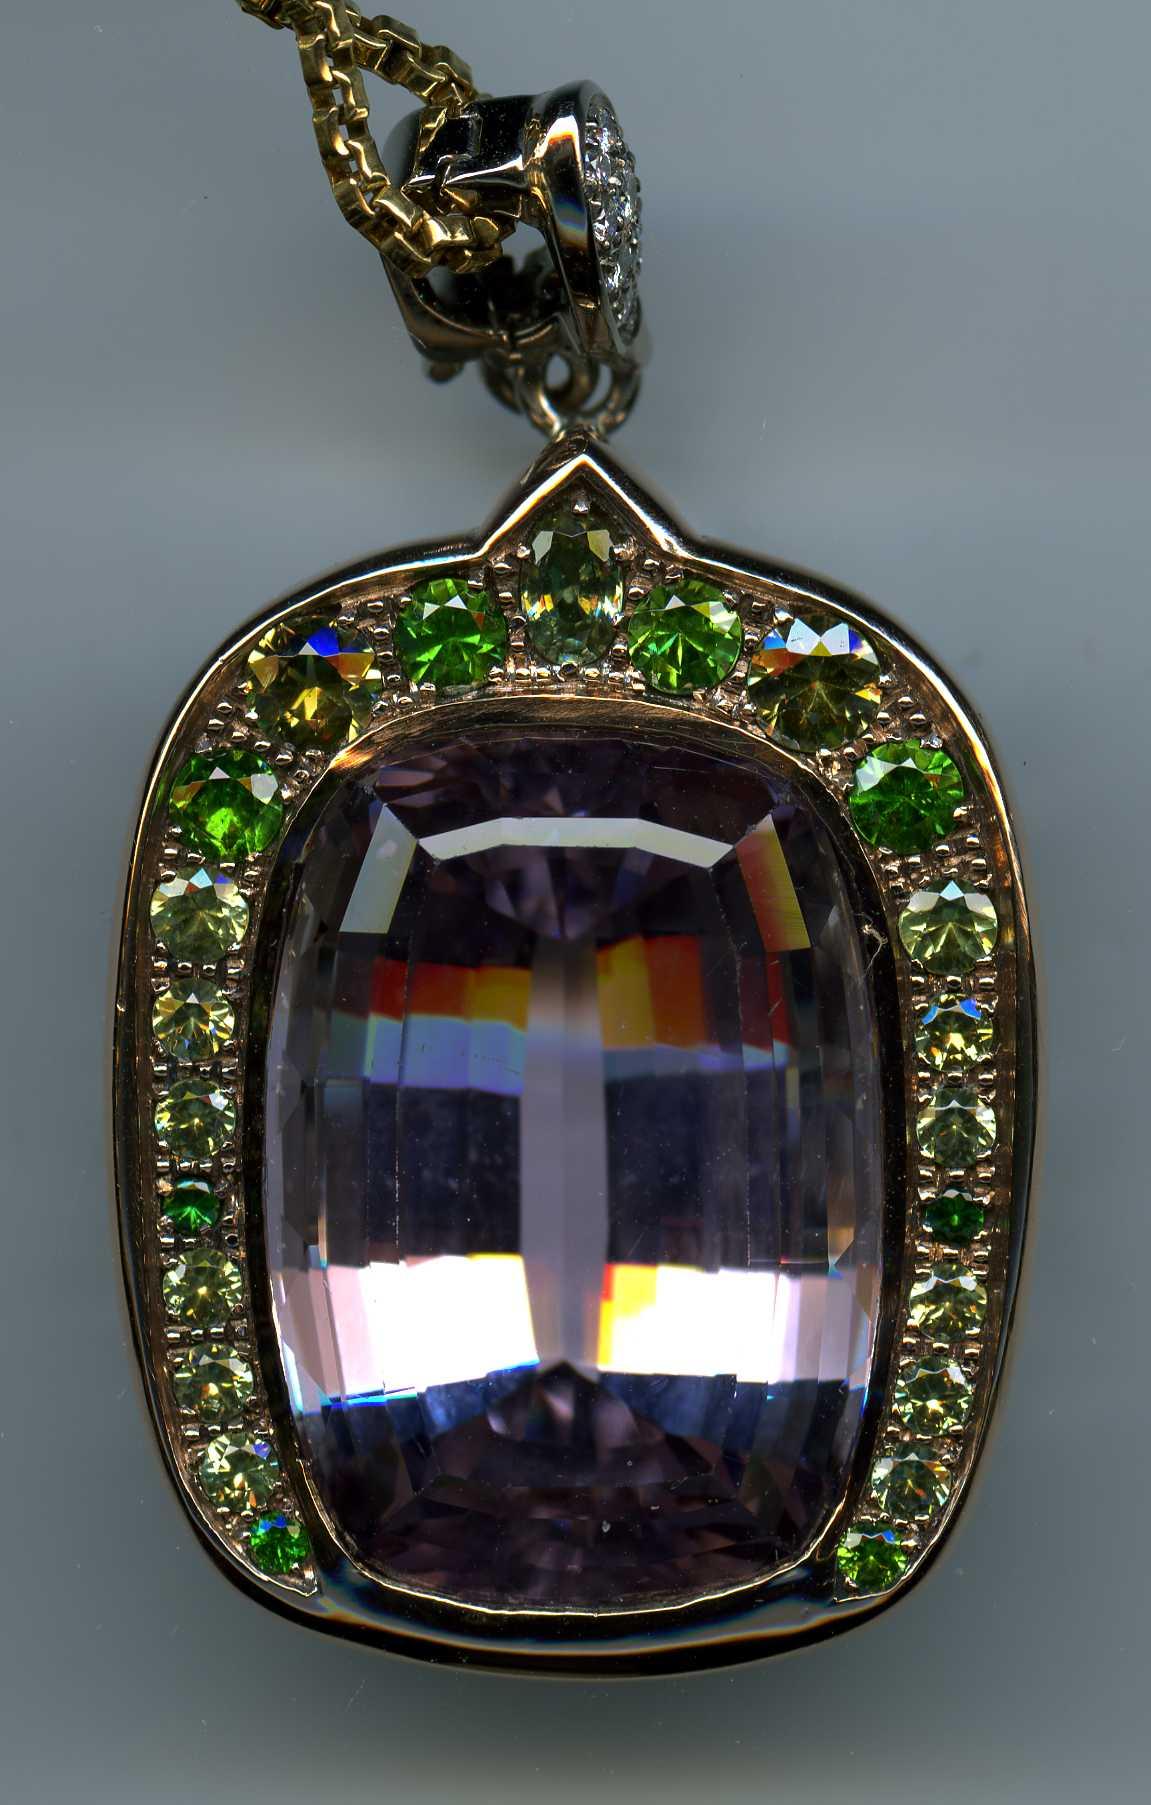 Pendentif, kunzite de 70 carats et grenats démantoïdes en chute de couleur et de poids.